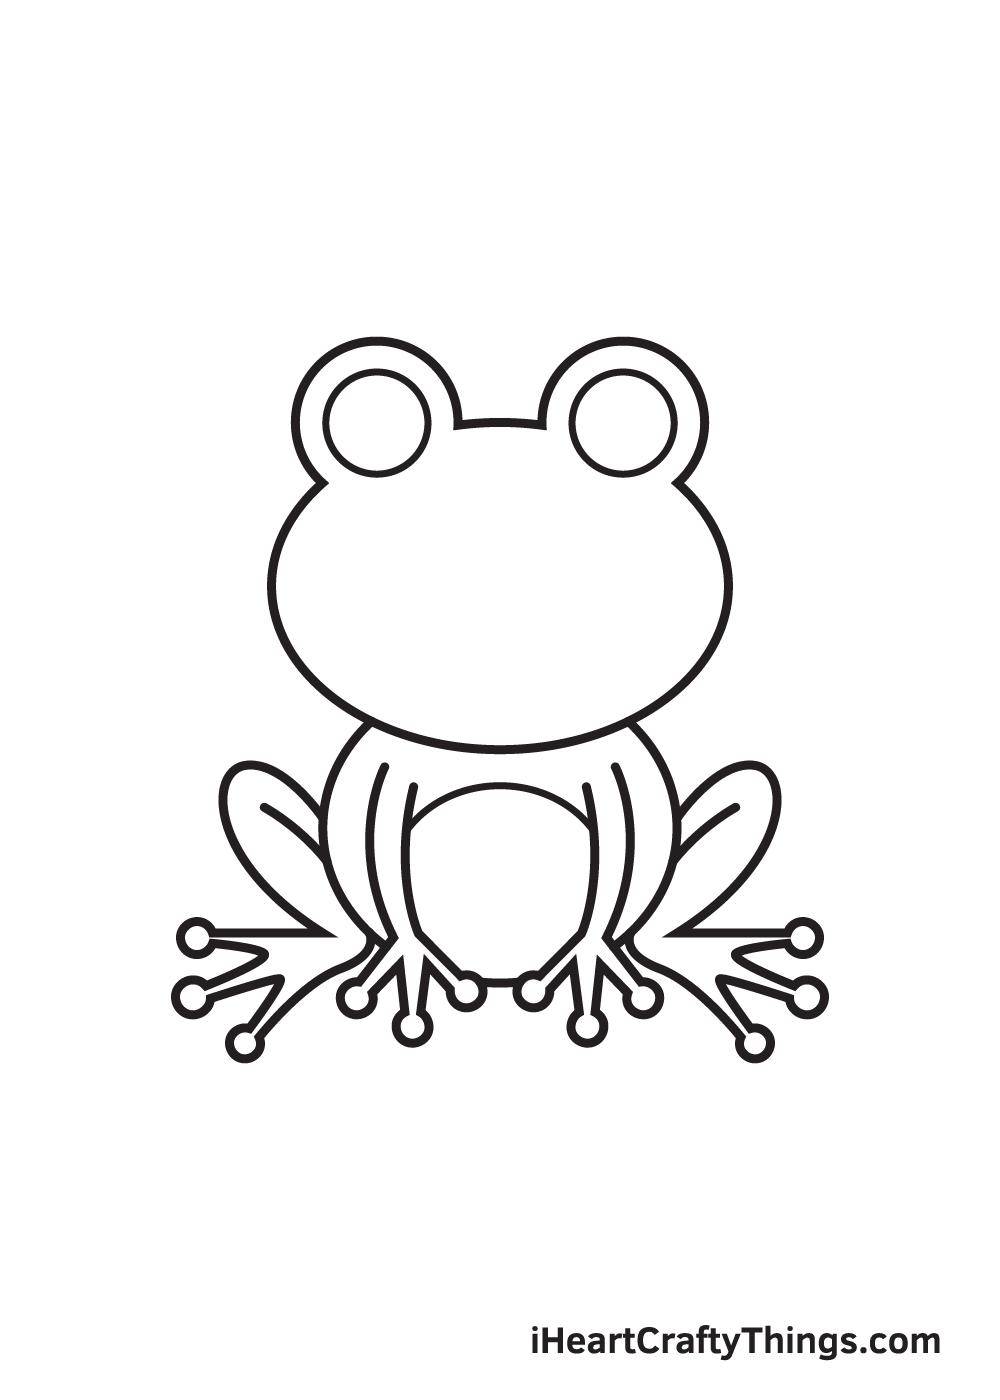 Vẽ ếch - Bước 7